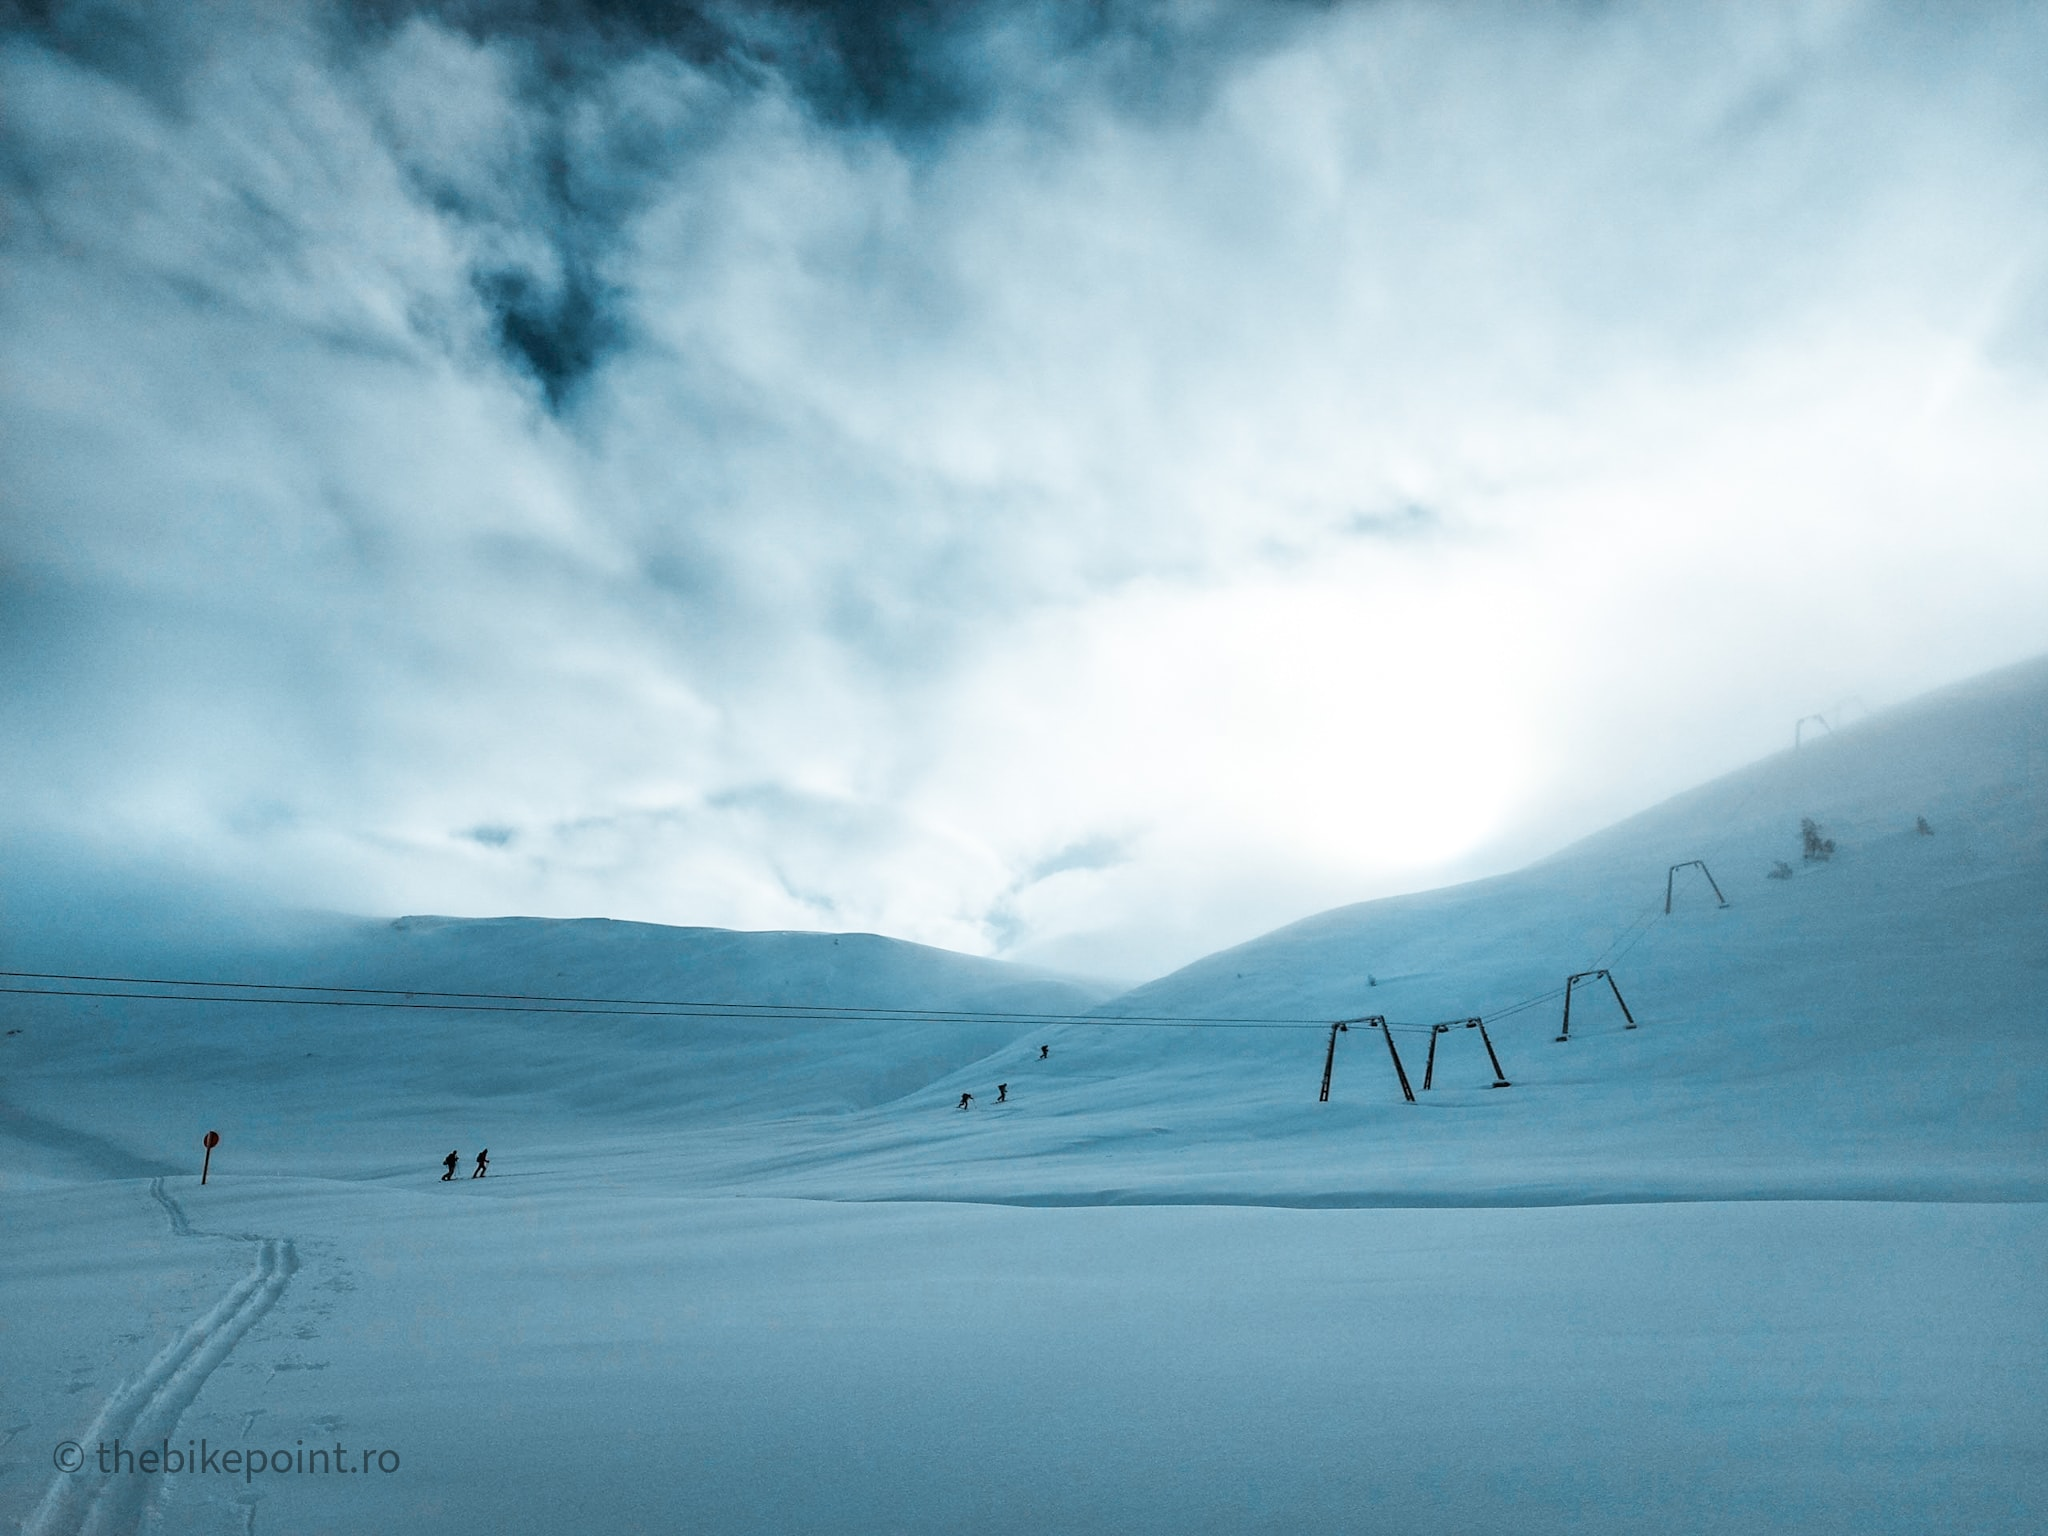 Negura ce incepea sa se ridice din Valea Dorului, cat urcam pe schiuri